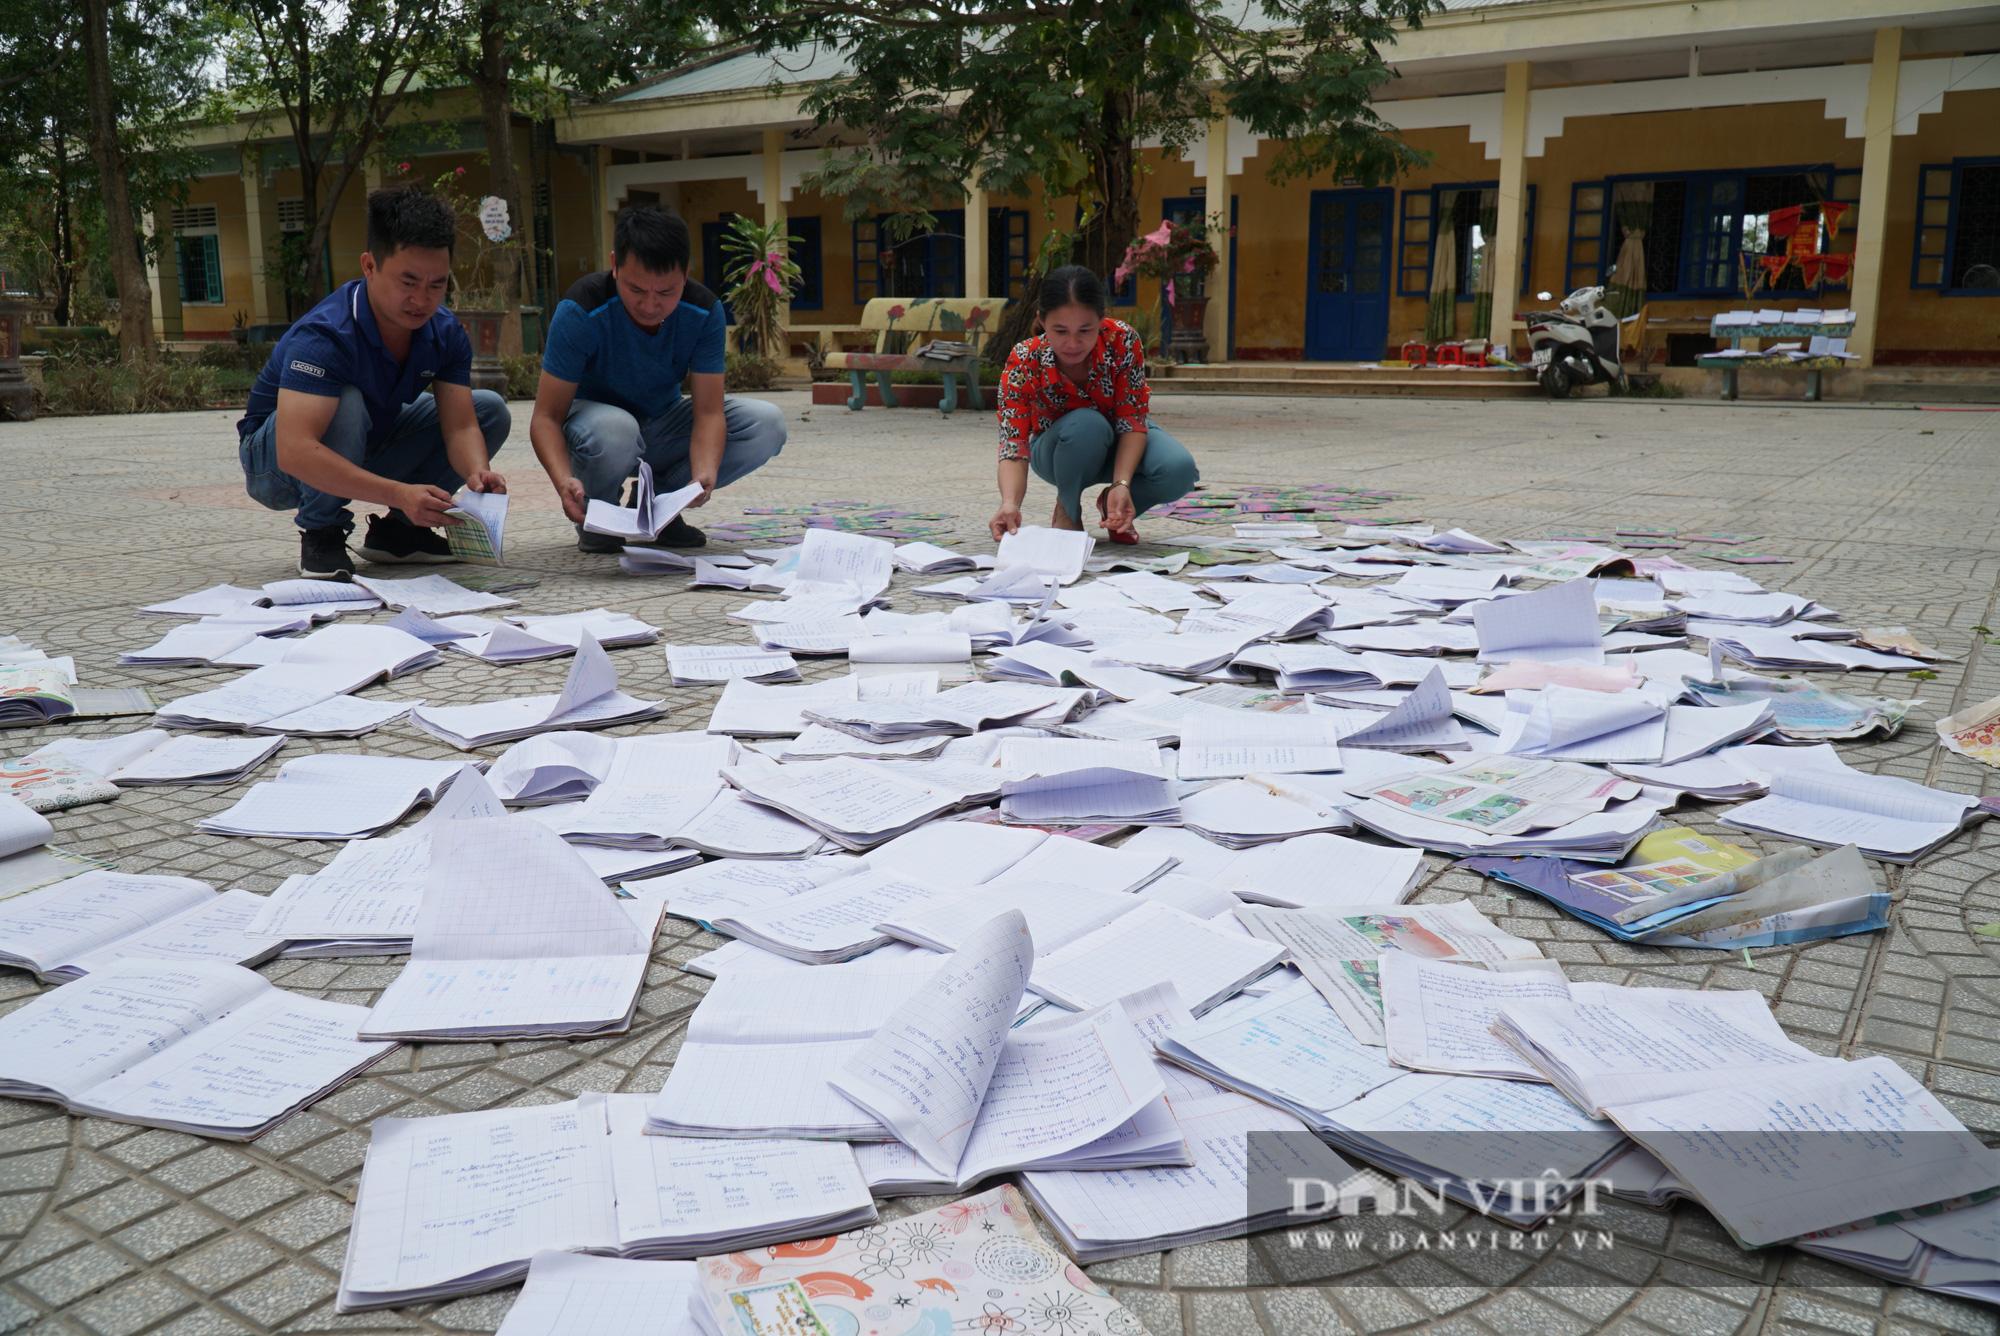 Quảng trị: Các trường học được hỗ trợ máy rửa bùn non sau bão lũ - Ảnh 5.